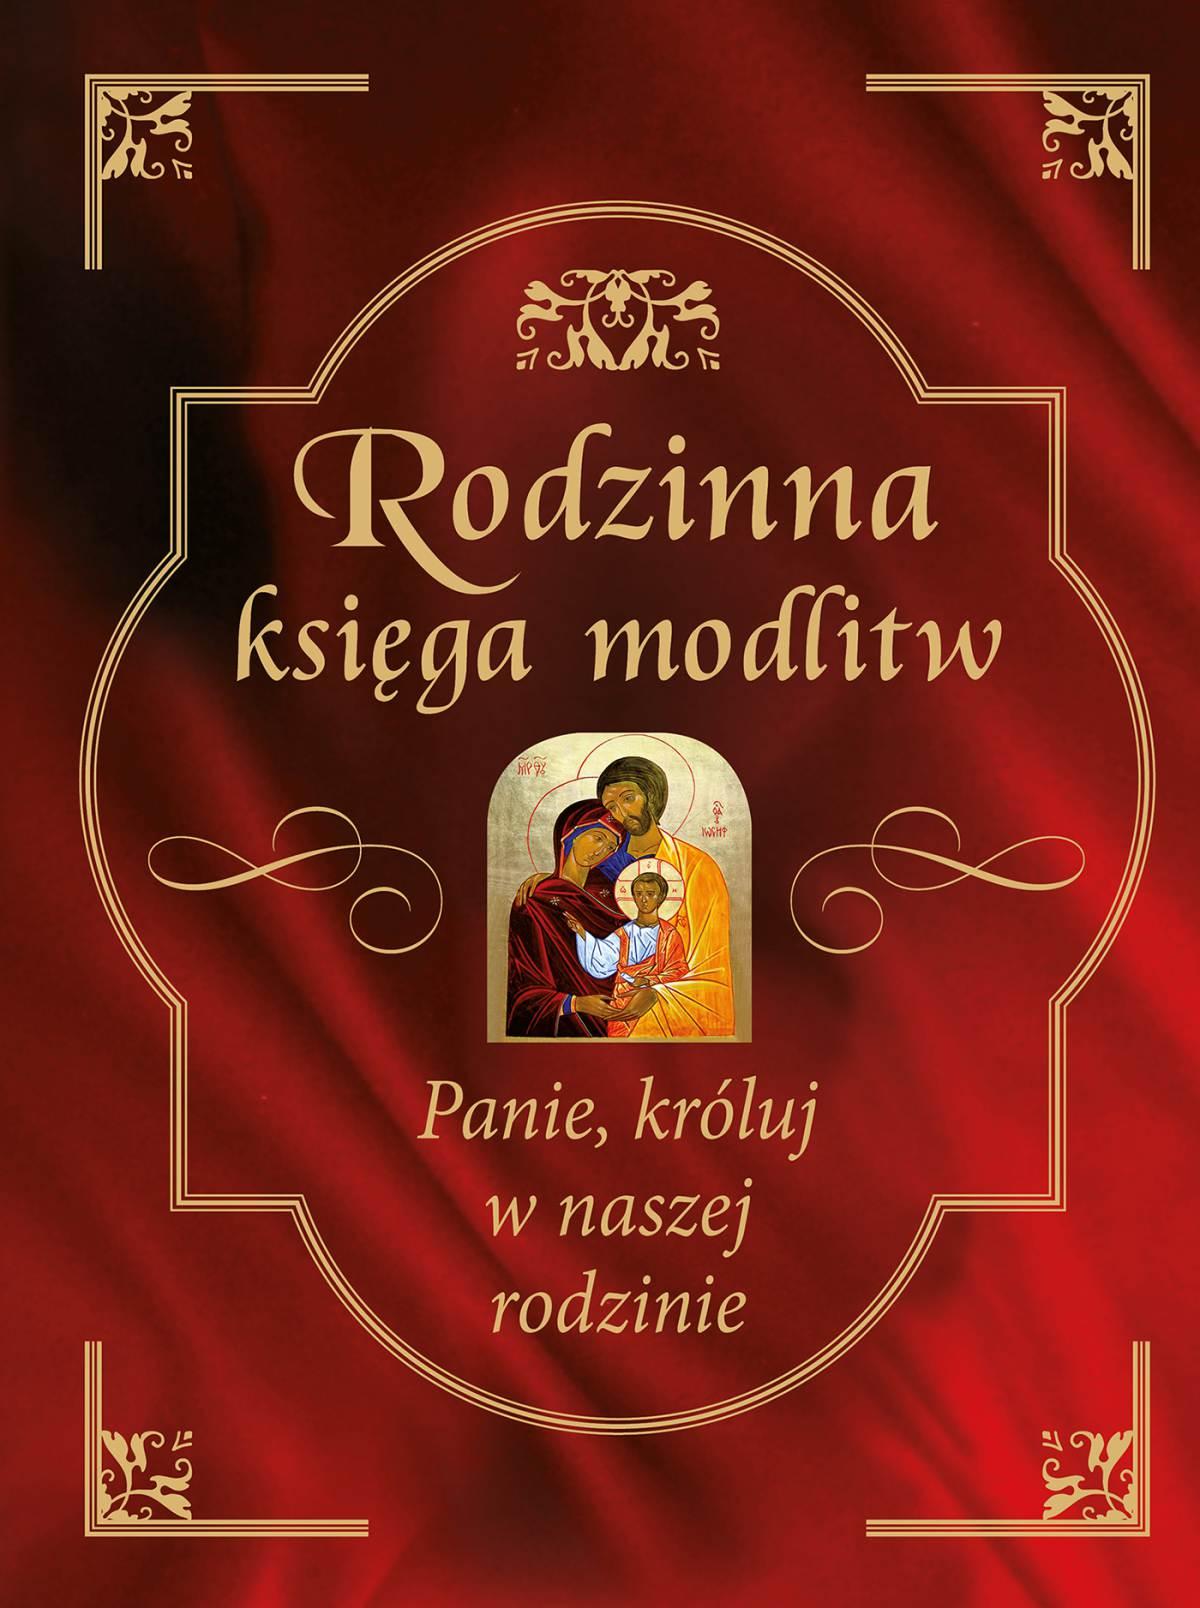 Rodzinna księga modlitw - Ebook (Książka na Kindle) do pobrania w formacie MOBI